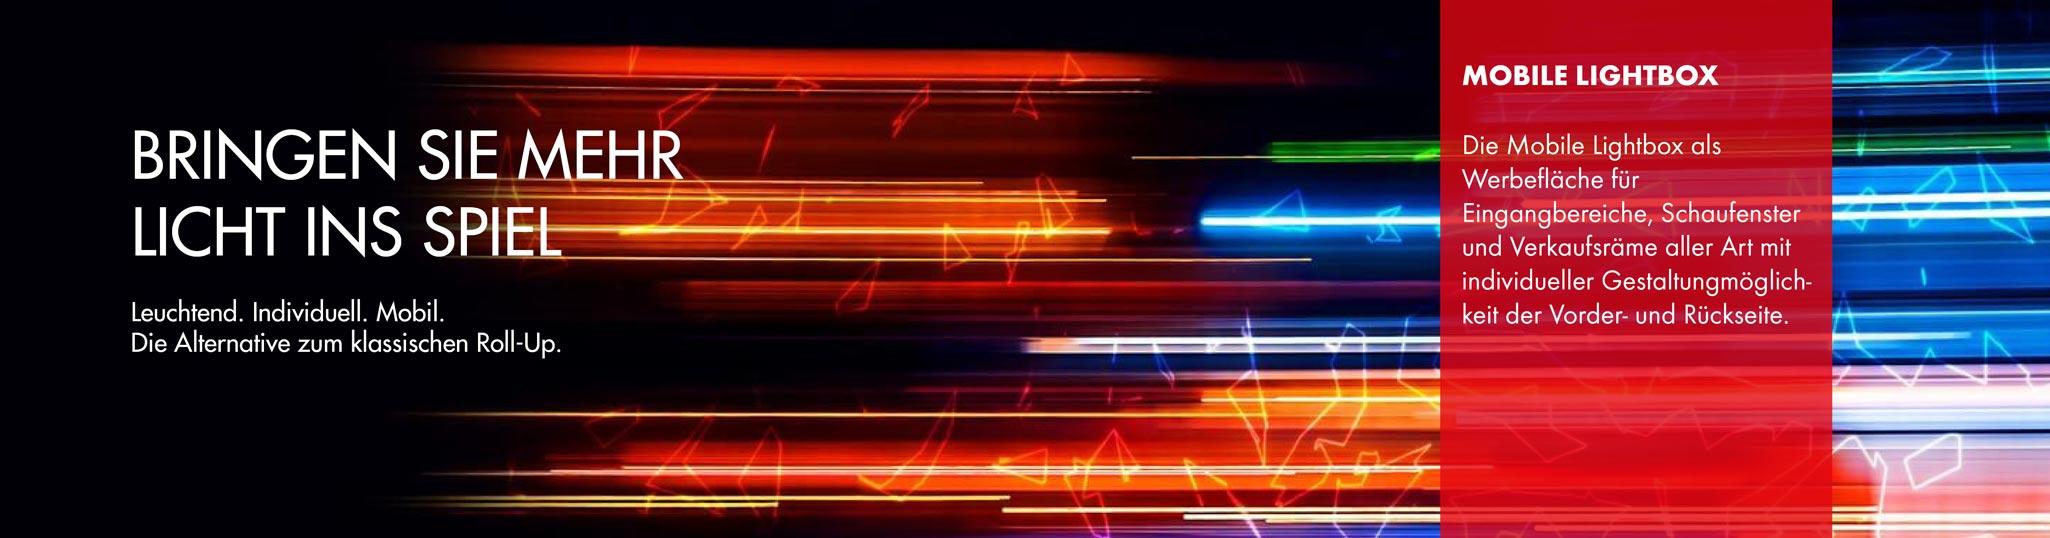 Mobile Lightbox - bringen SIe mehr Licht ins Spiel. Leuchtend. Individuell. Mobil. Die leuchtende Alternative zum klassischen Roll-Up.